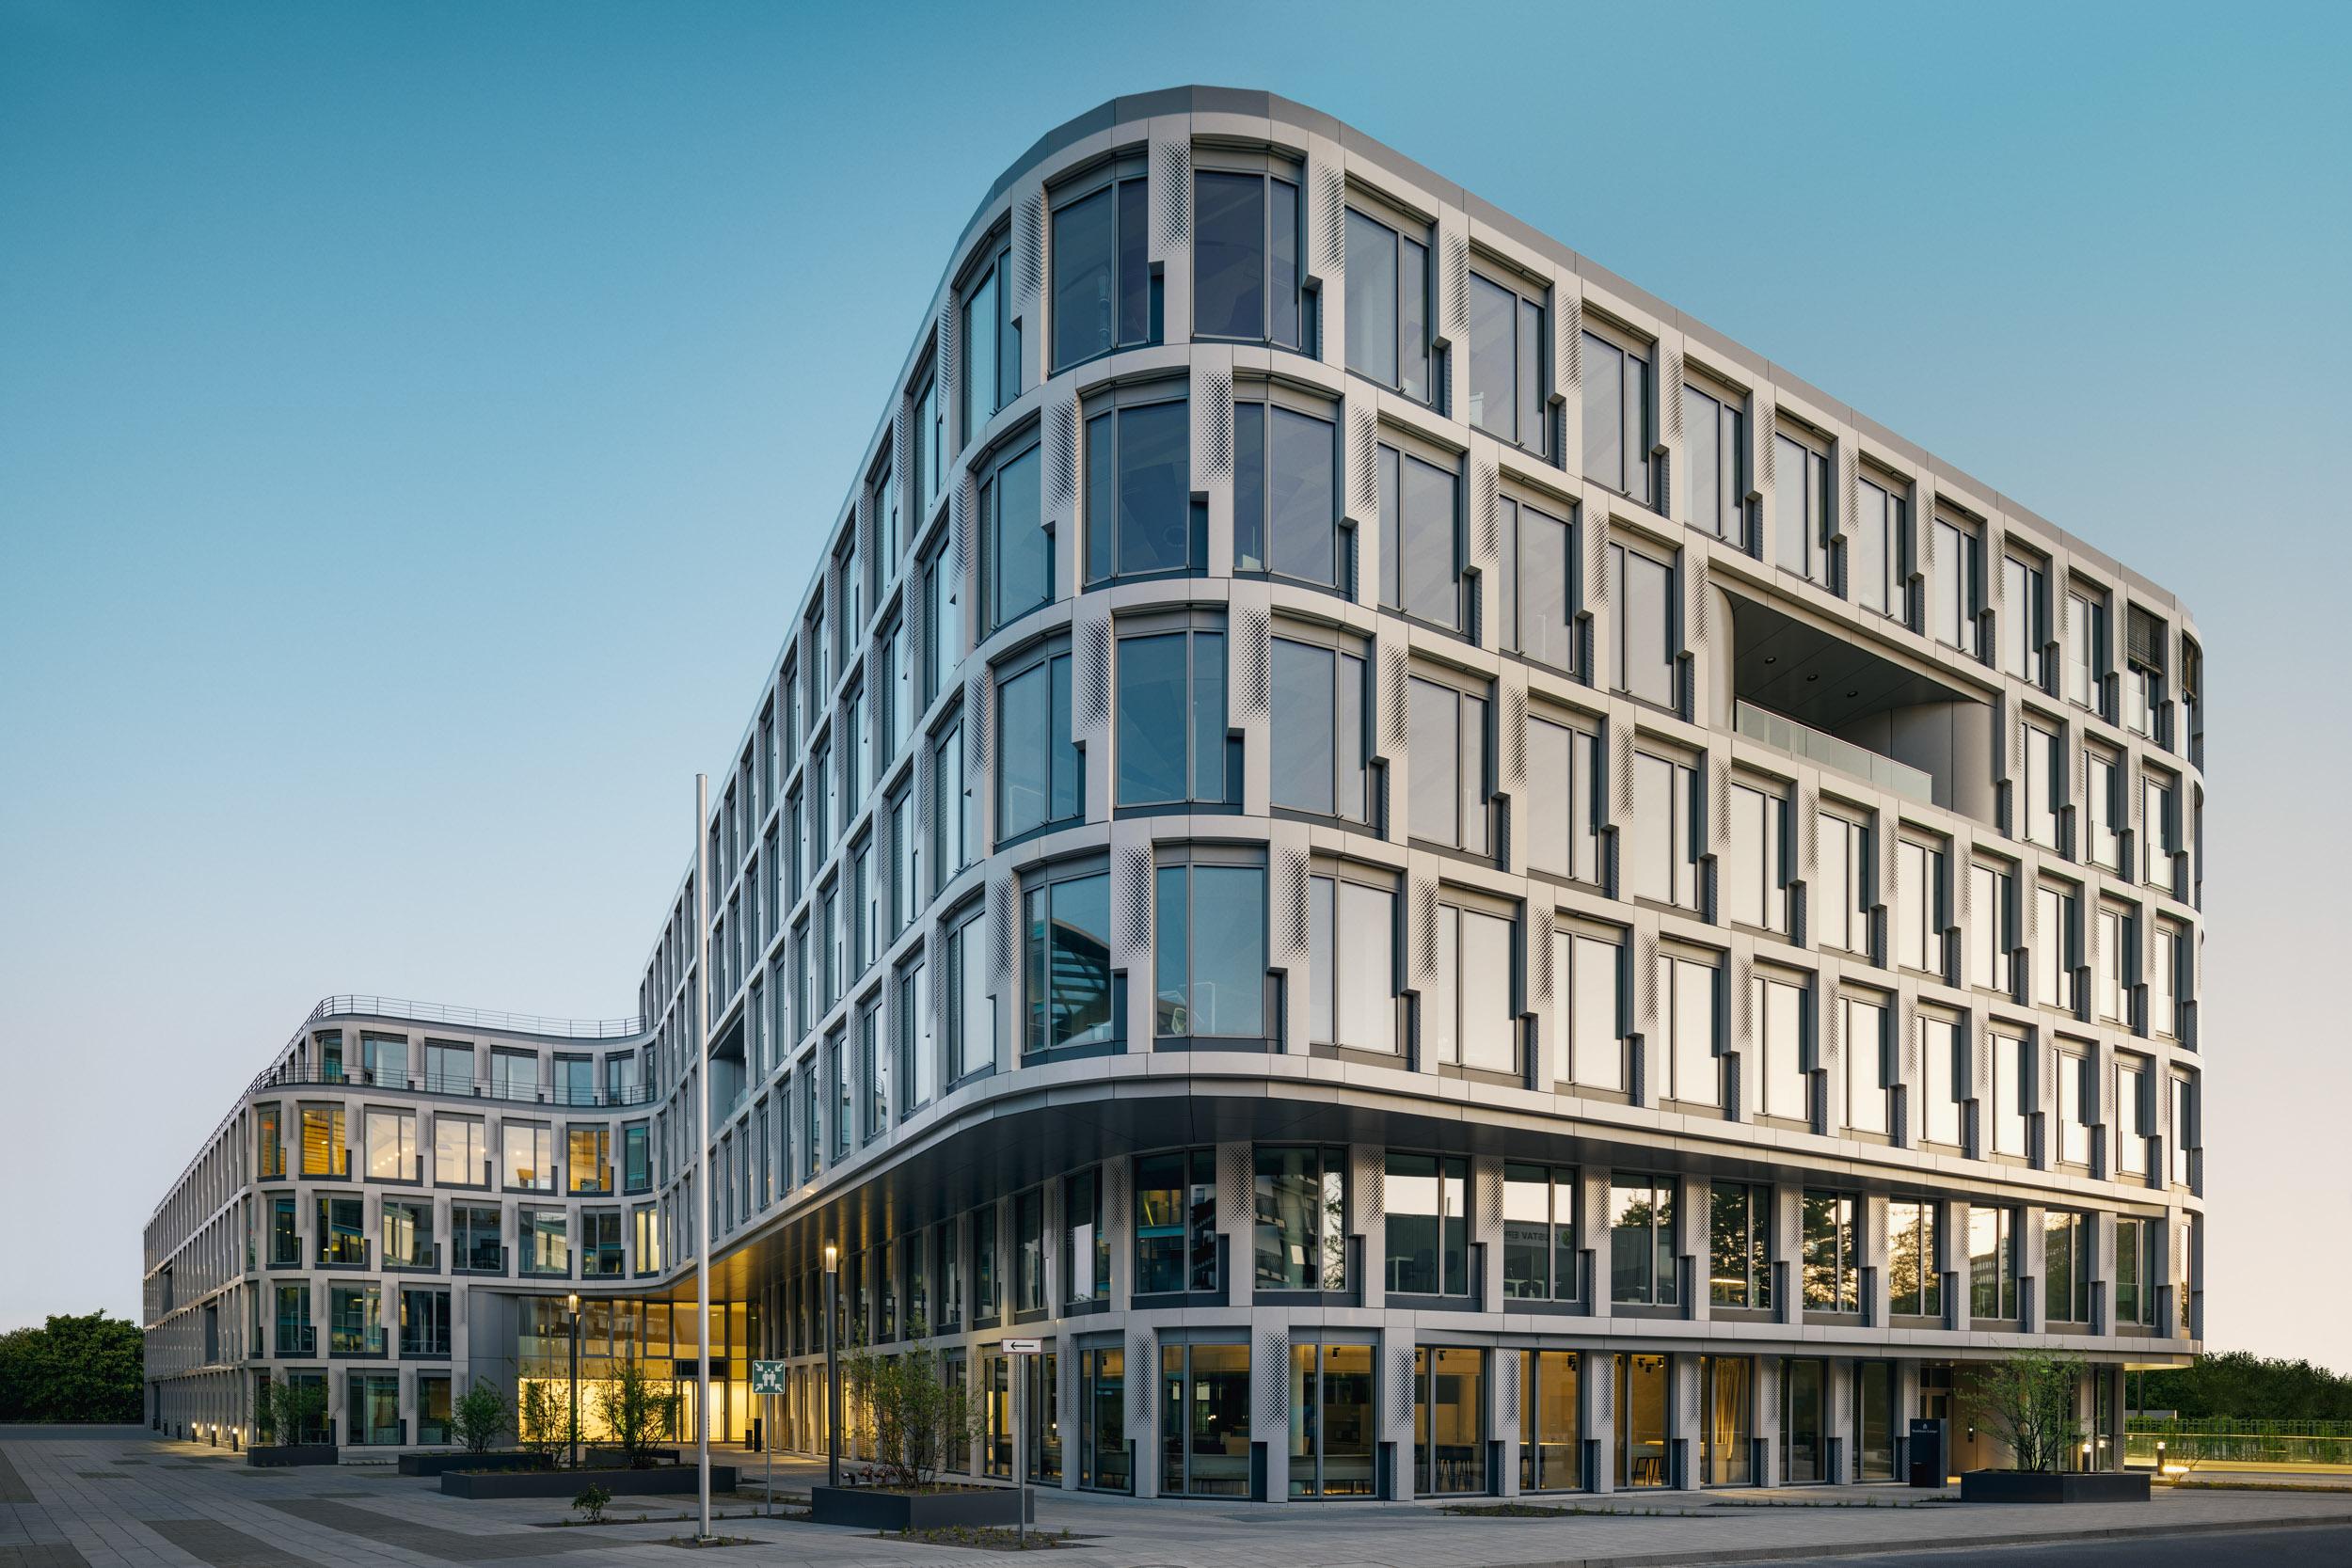 Gustav-Epple-Bauunternehmung-Infinity-Düsseldoef-Schwannstrasse-Architektur-Büro_MLX5762